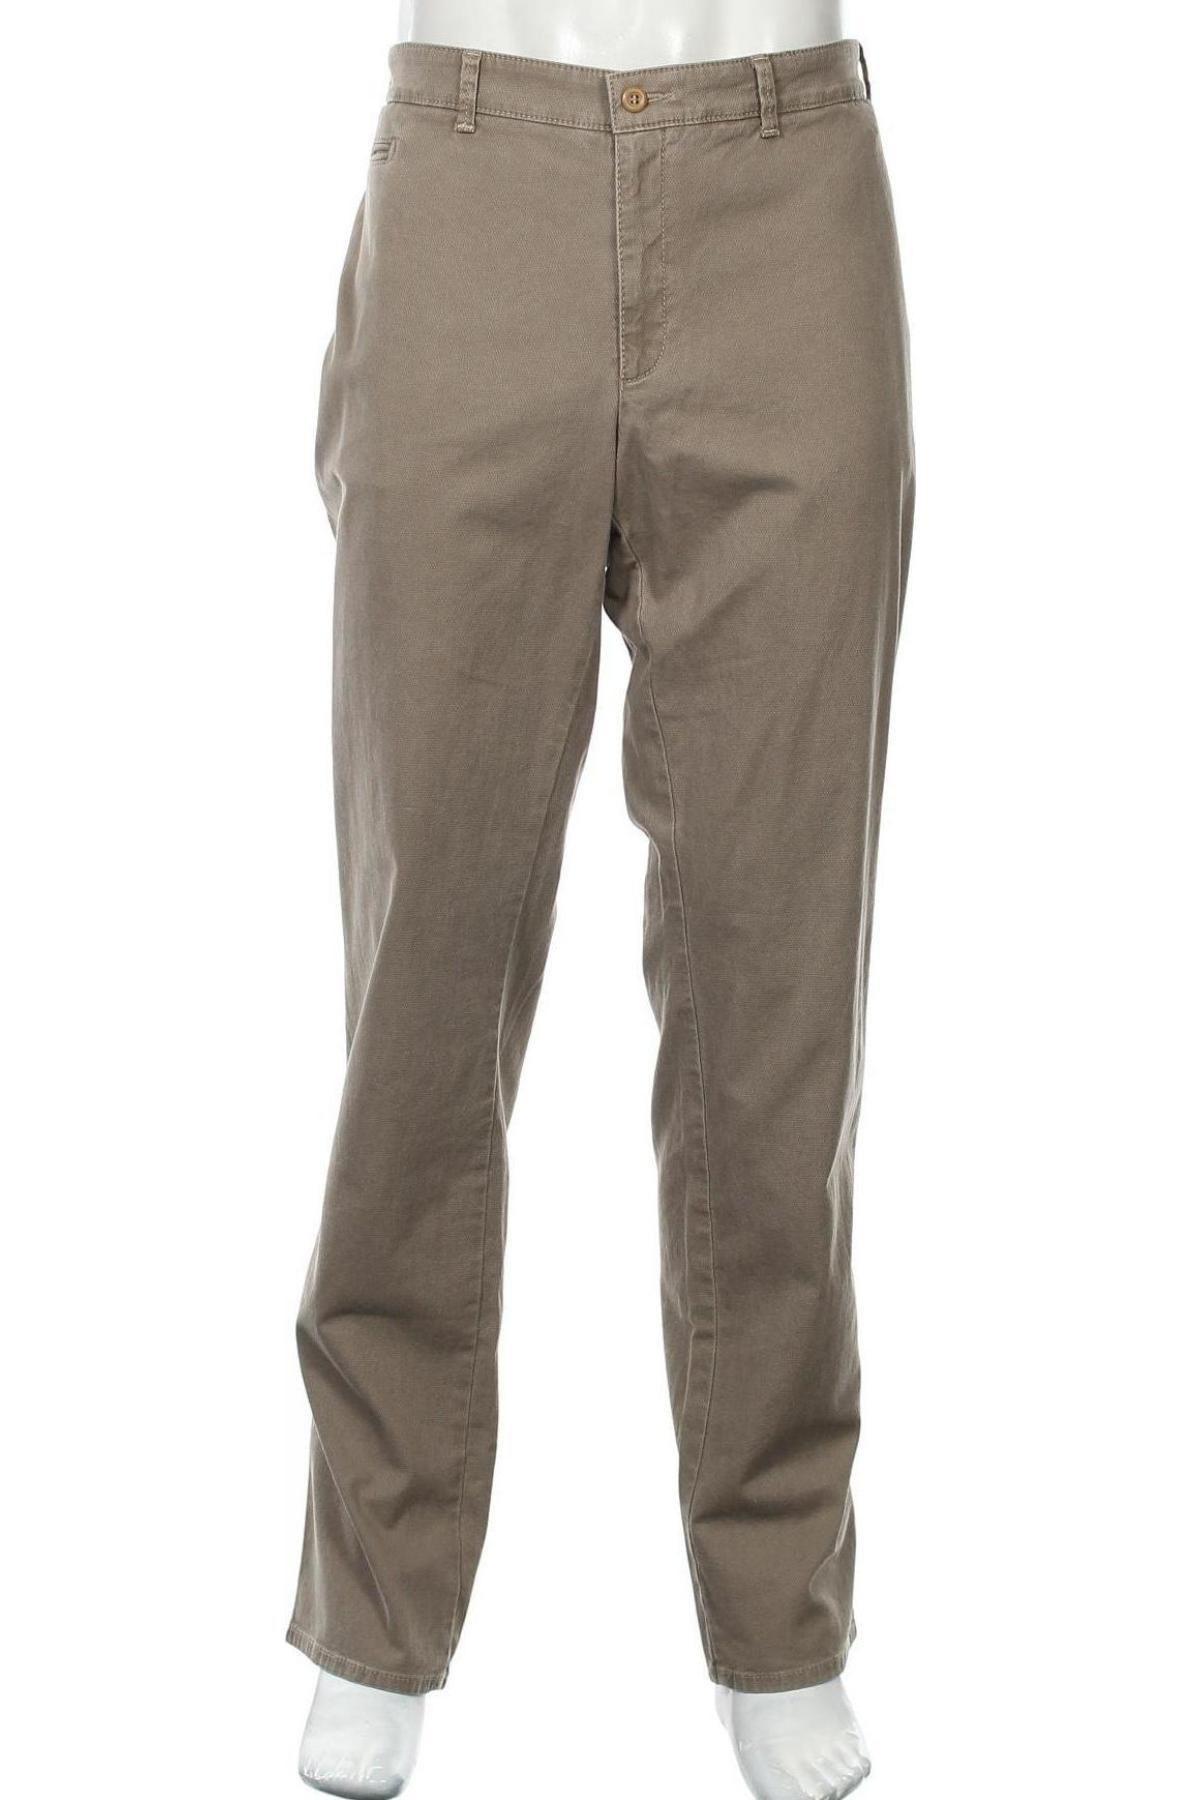 Pantaloni de bărbați Brax, Mărime XXL, Culoare Bej, 98% bumbac, 2% elastan, Preț 367,60 Lei